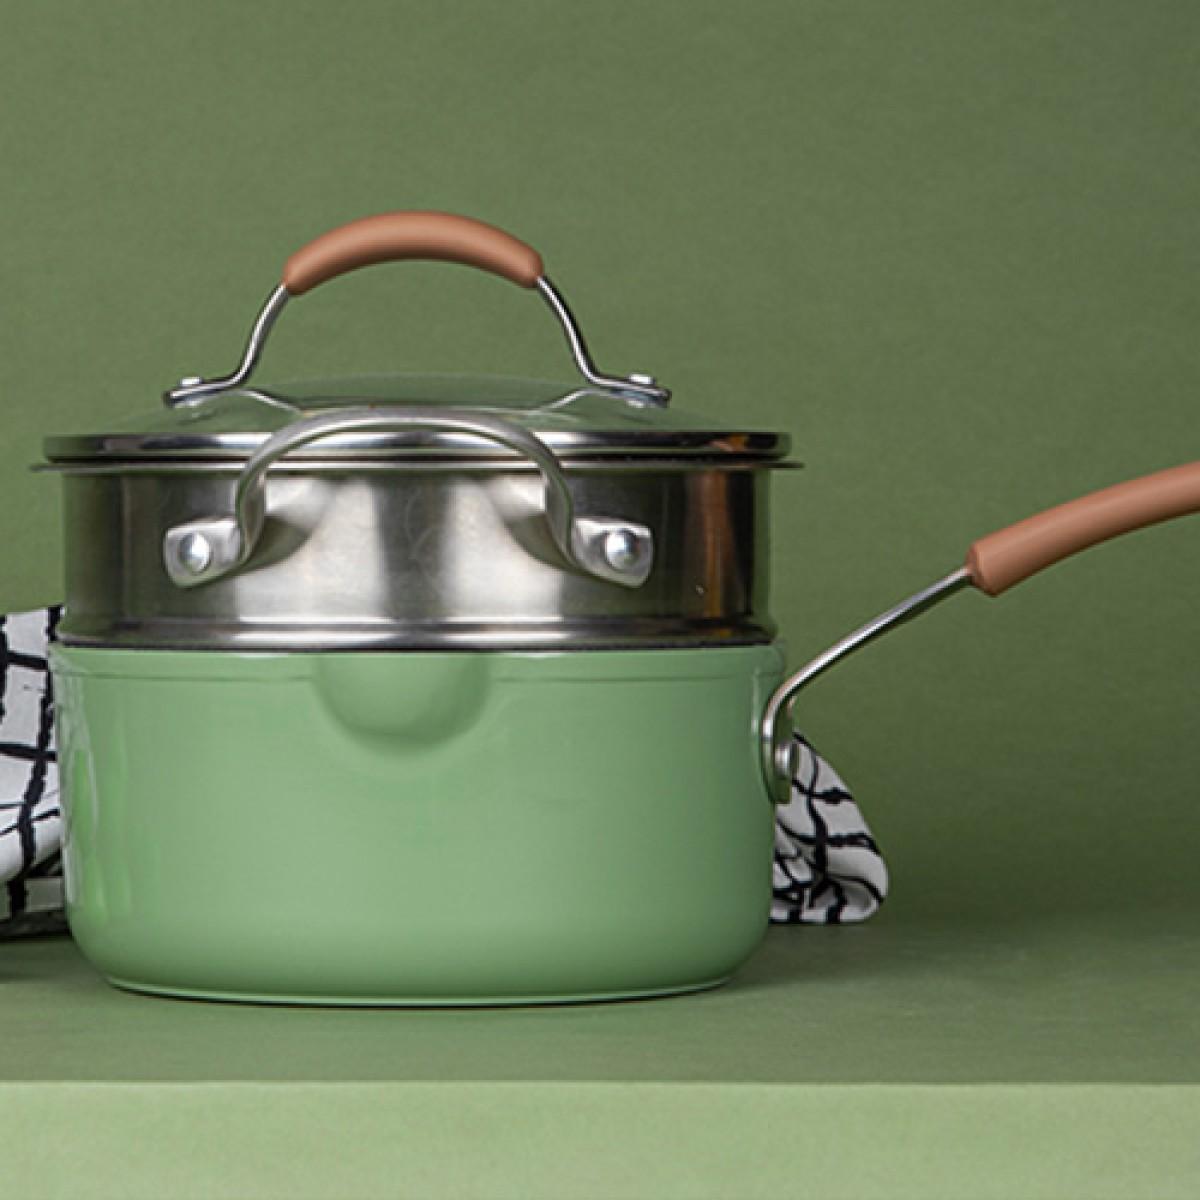 carote麥飯石不粘泡麵小奶鍋(綠色)